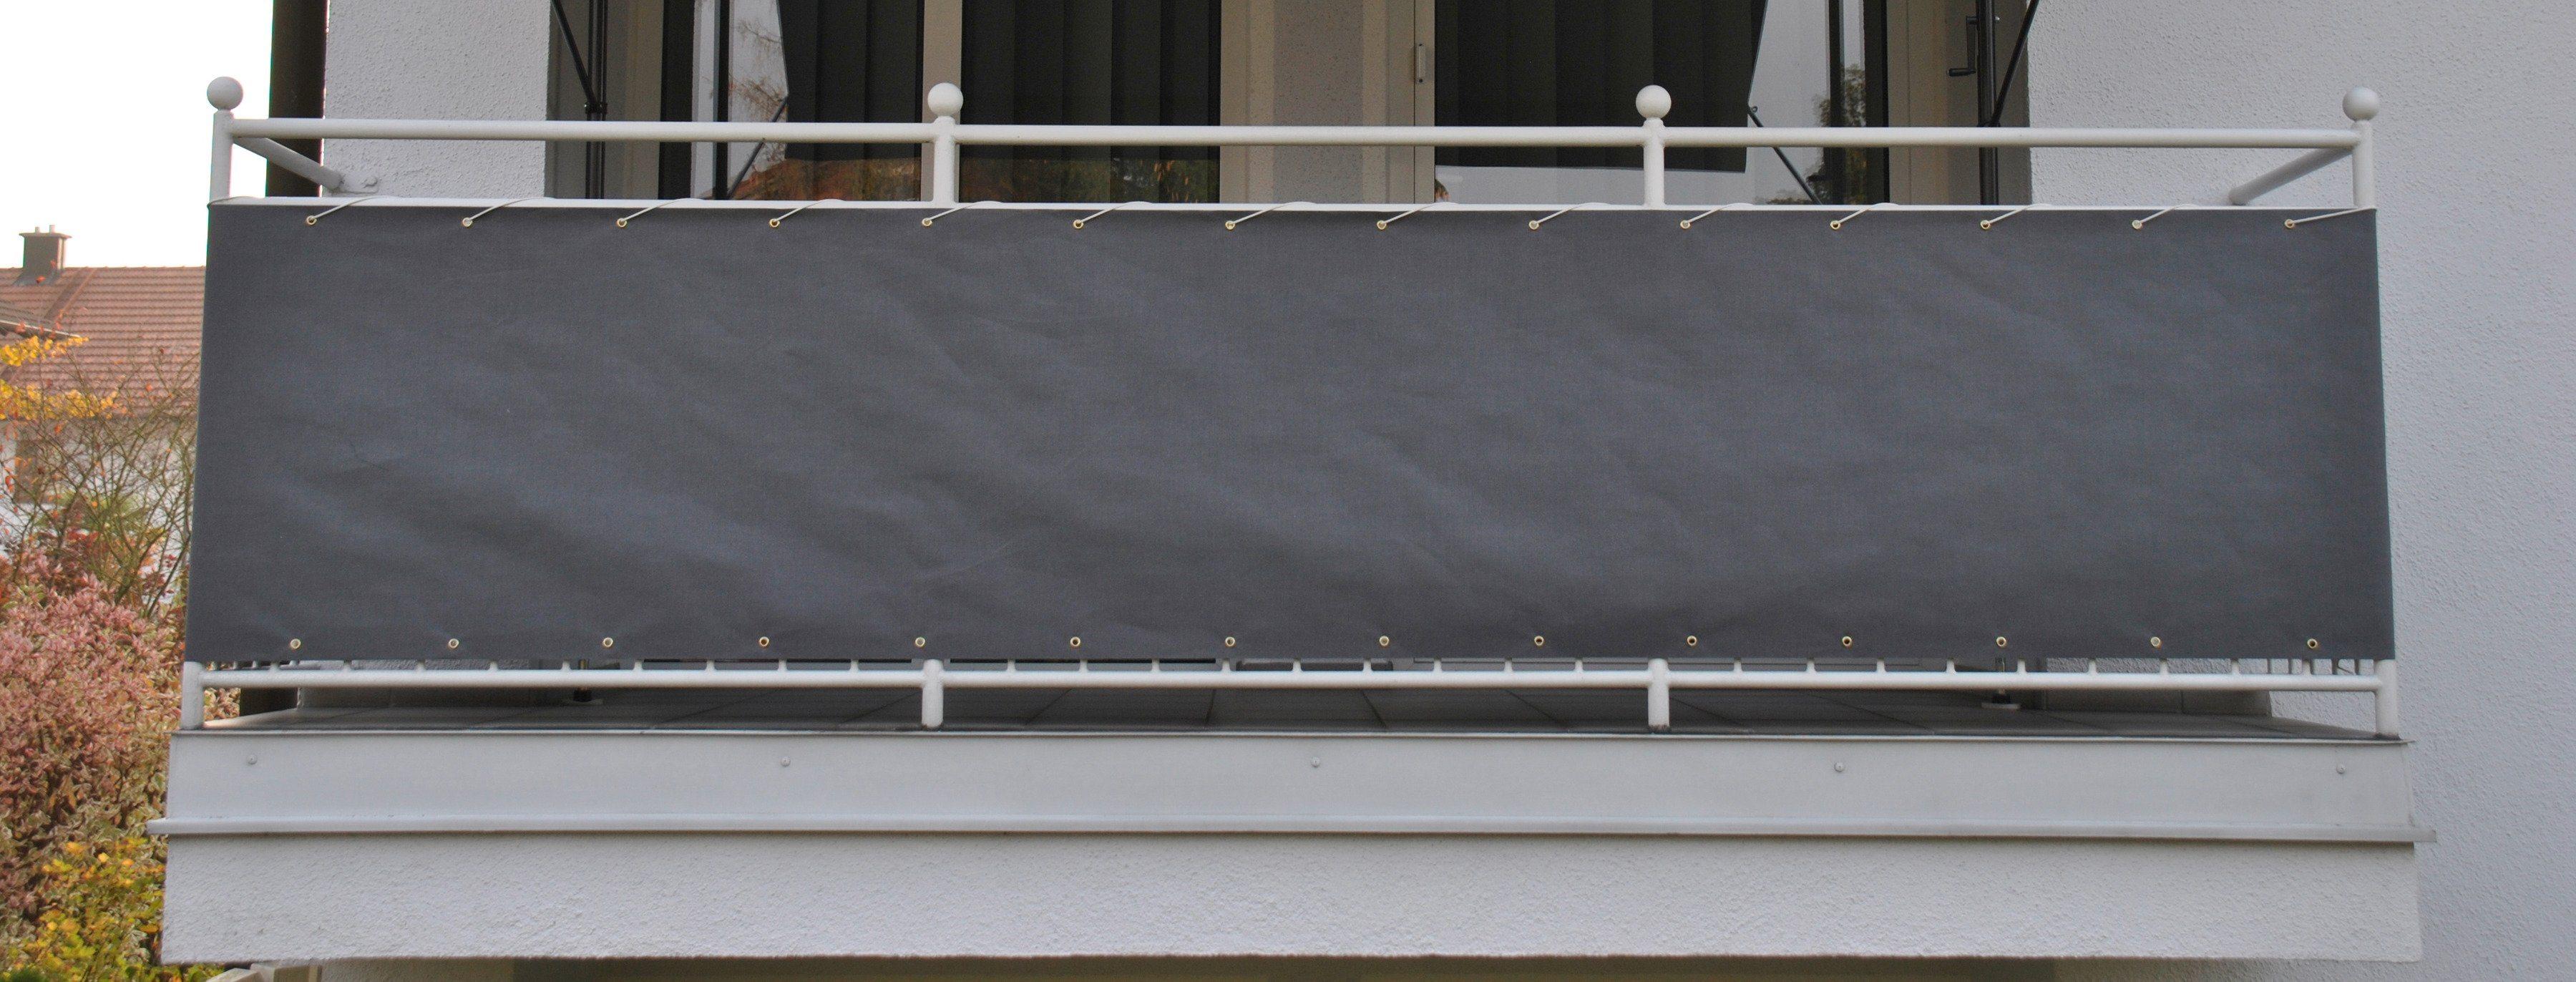 ANGERER FREIZEITMÖBEL Wind- und Sichtschutz »Balkonumspannung, Polyacryl«, Meterware, grau | Garten > Zäune und Sichtschutz | Angerer Freizeitmöbel